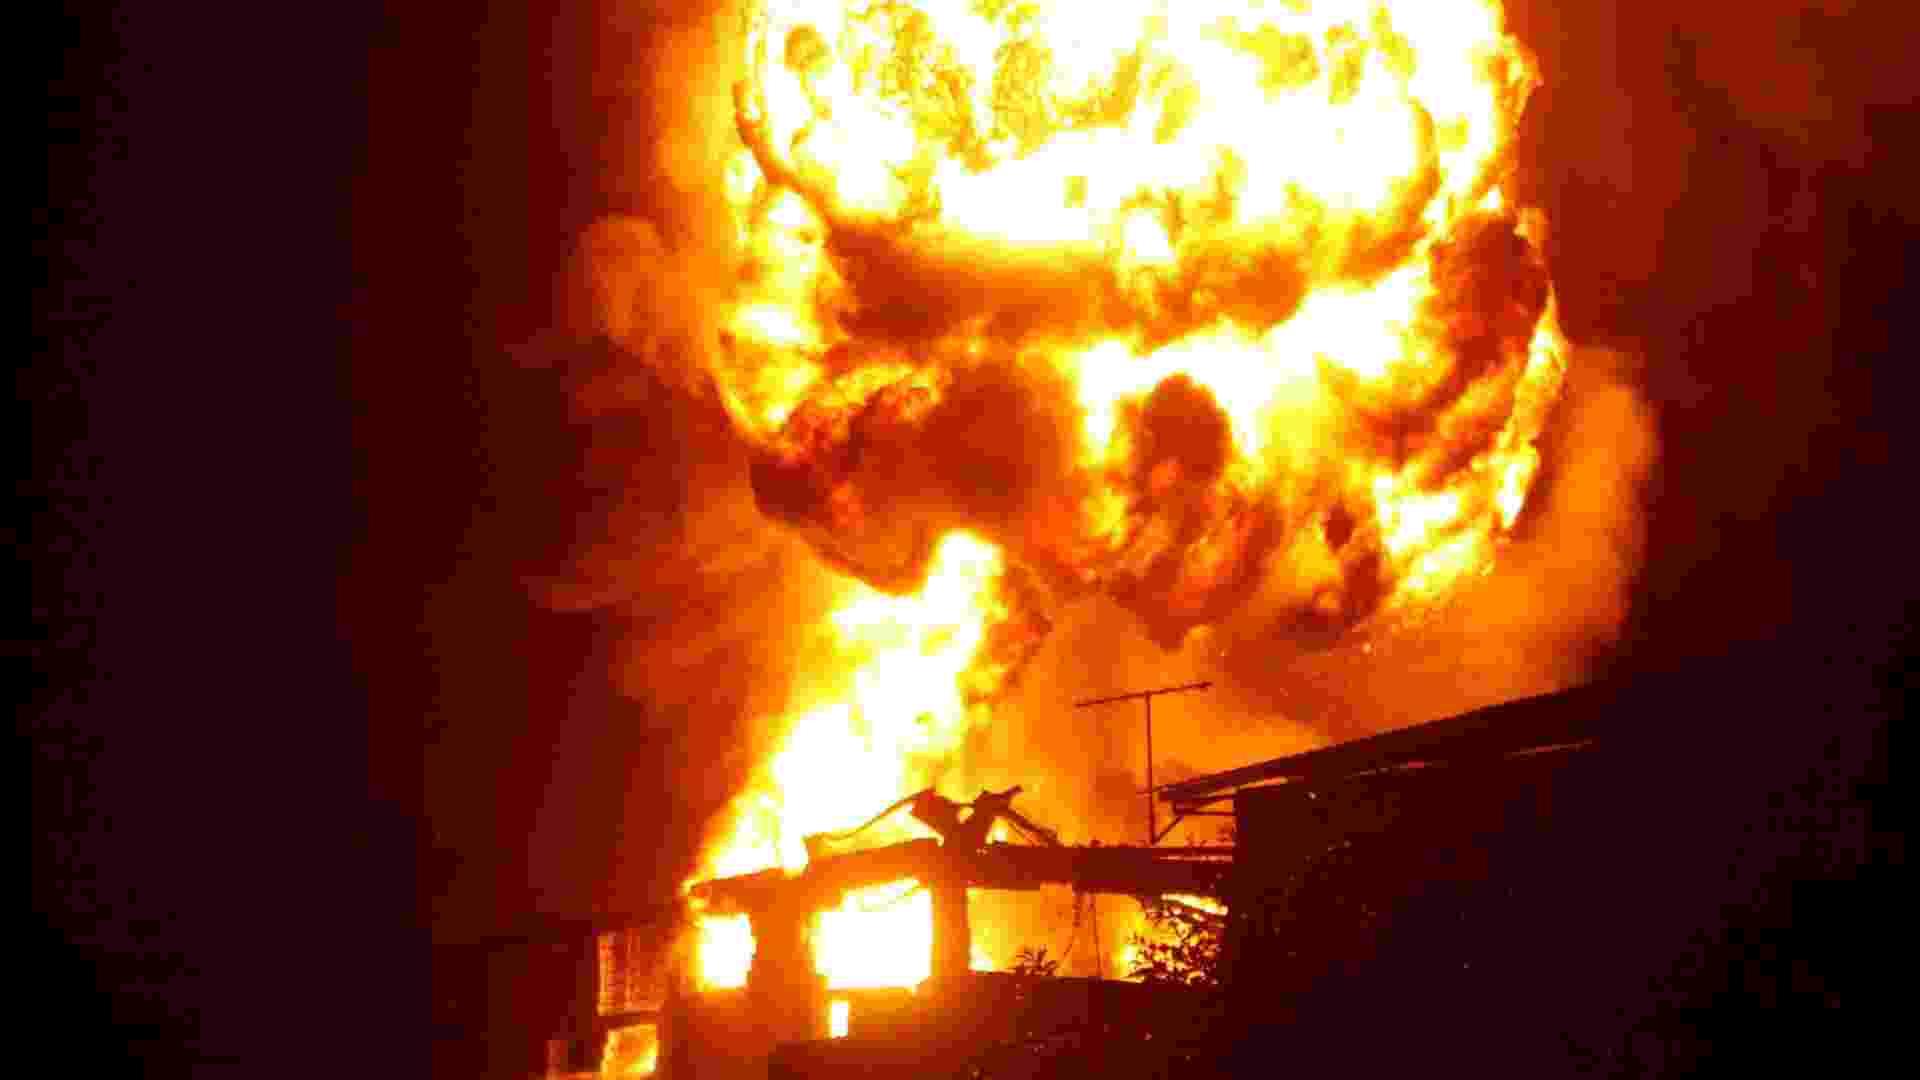 21.fev.2013 - Incêndio de grandes proporções atingiu indústria de produtos químicos, no bairro de Bonsucesso, em Guarulhos (SP) - Marcos Bezerra/Futura Press